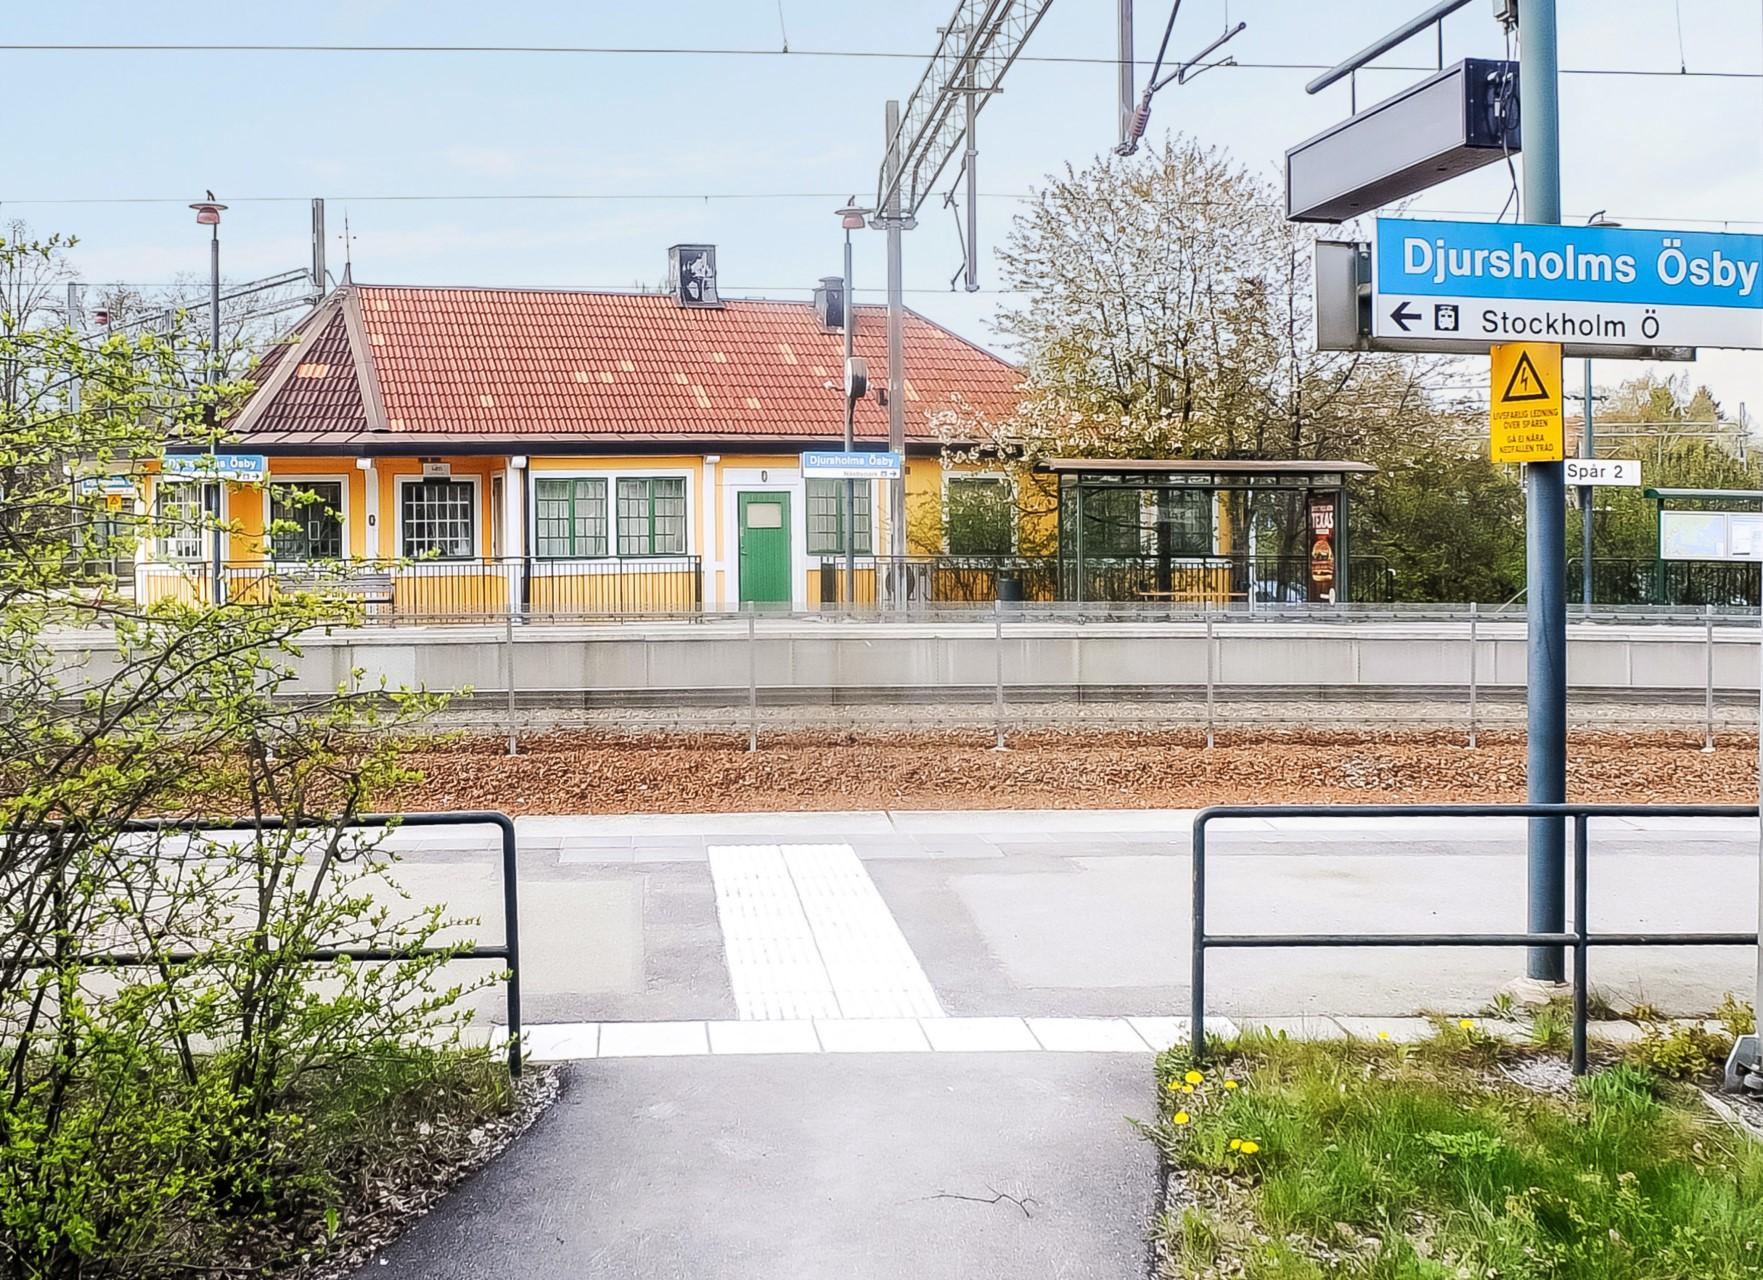 Mot Stockholm Ö/KTH - 9 minuter bort